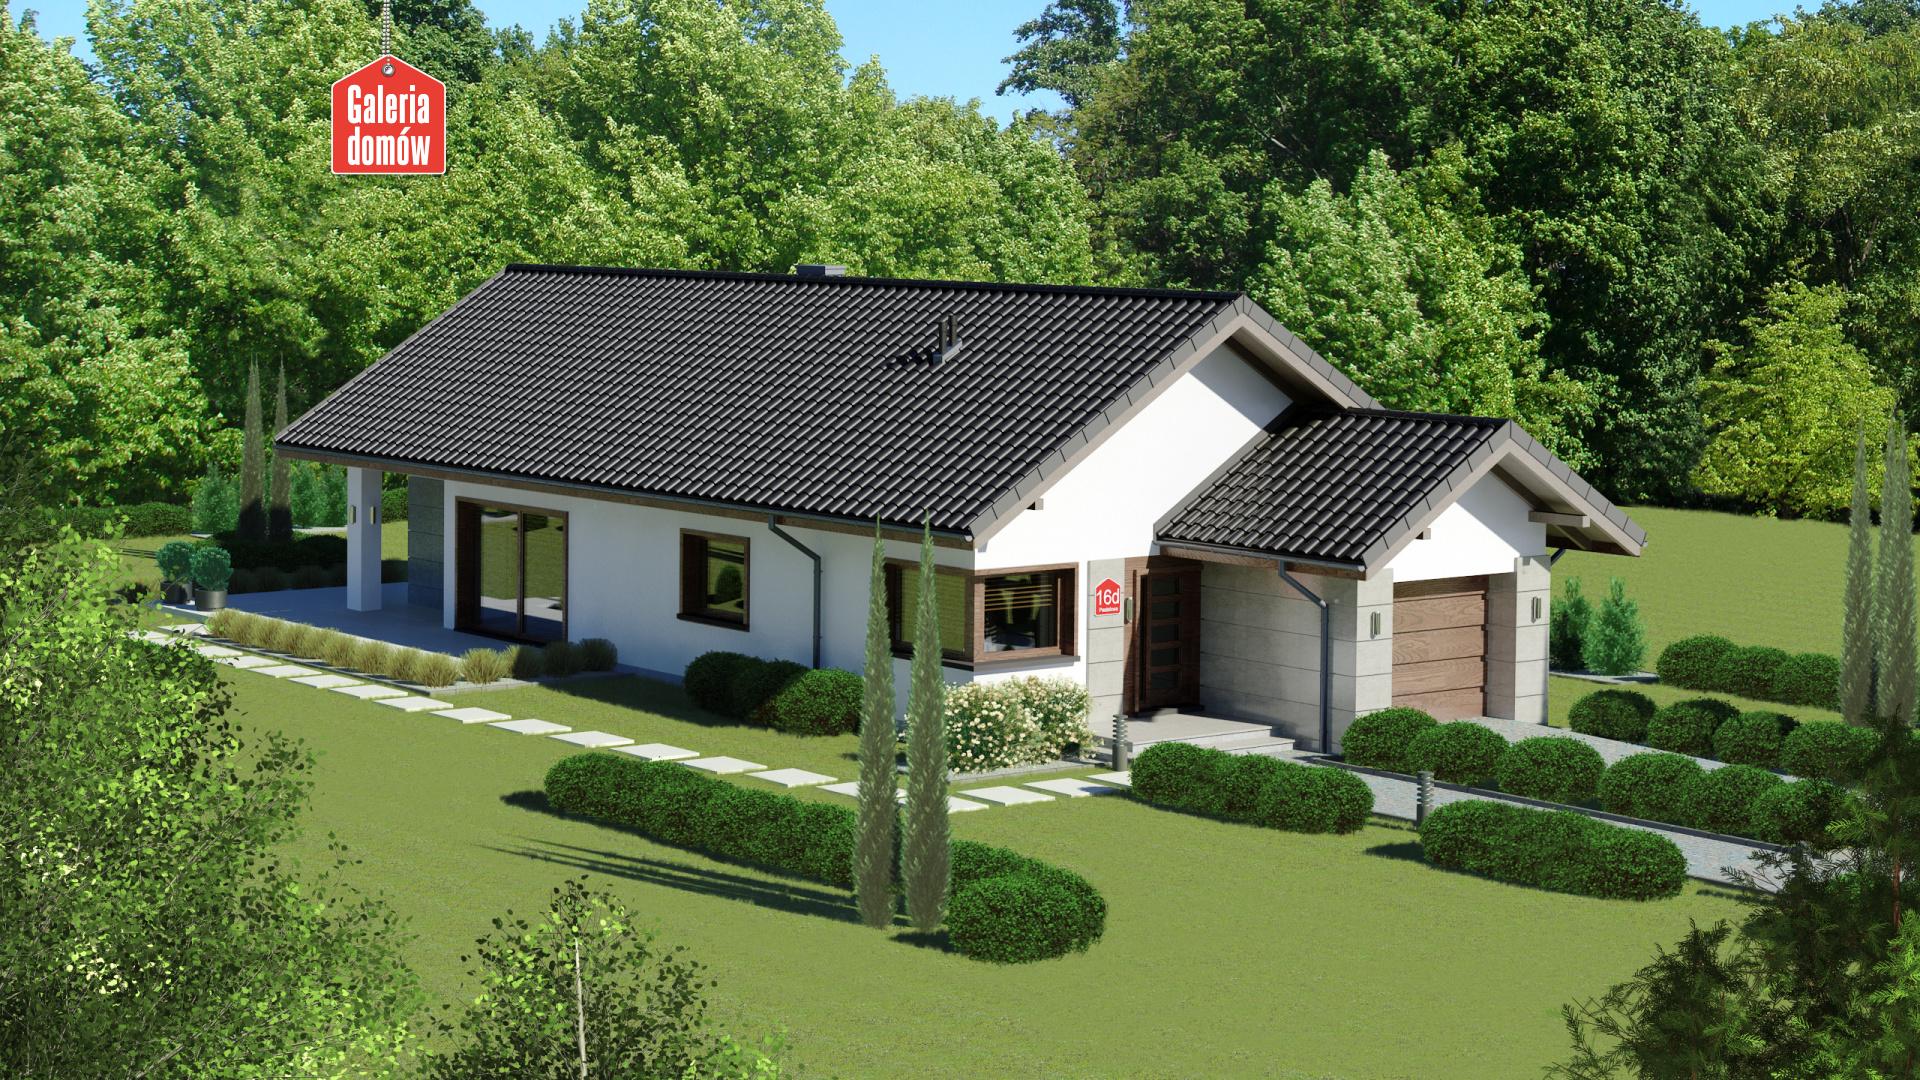 Dom przy Pastelowej 16 D bis - zdjęcie projektu i wizualizacja